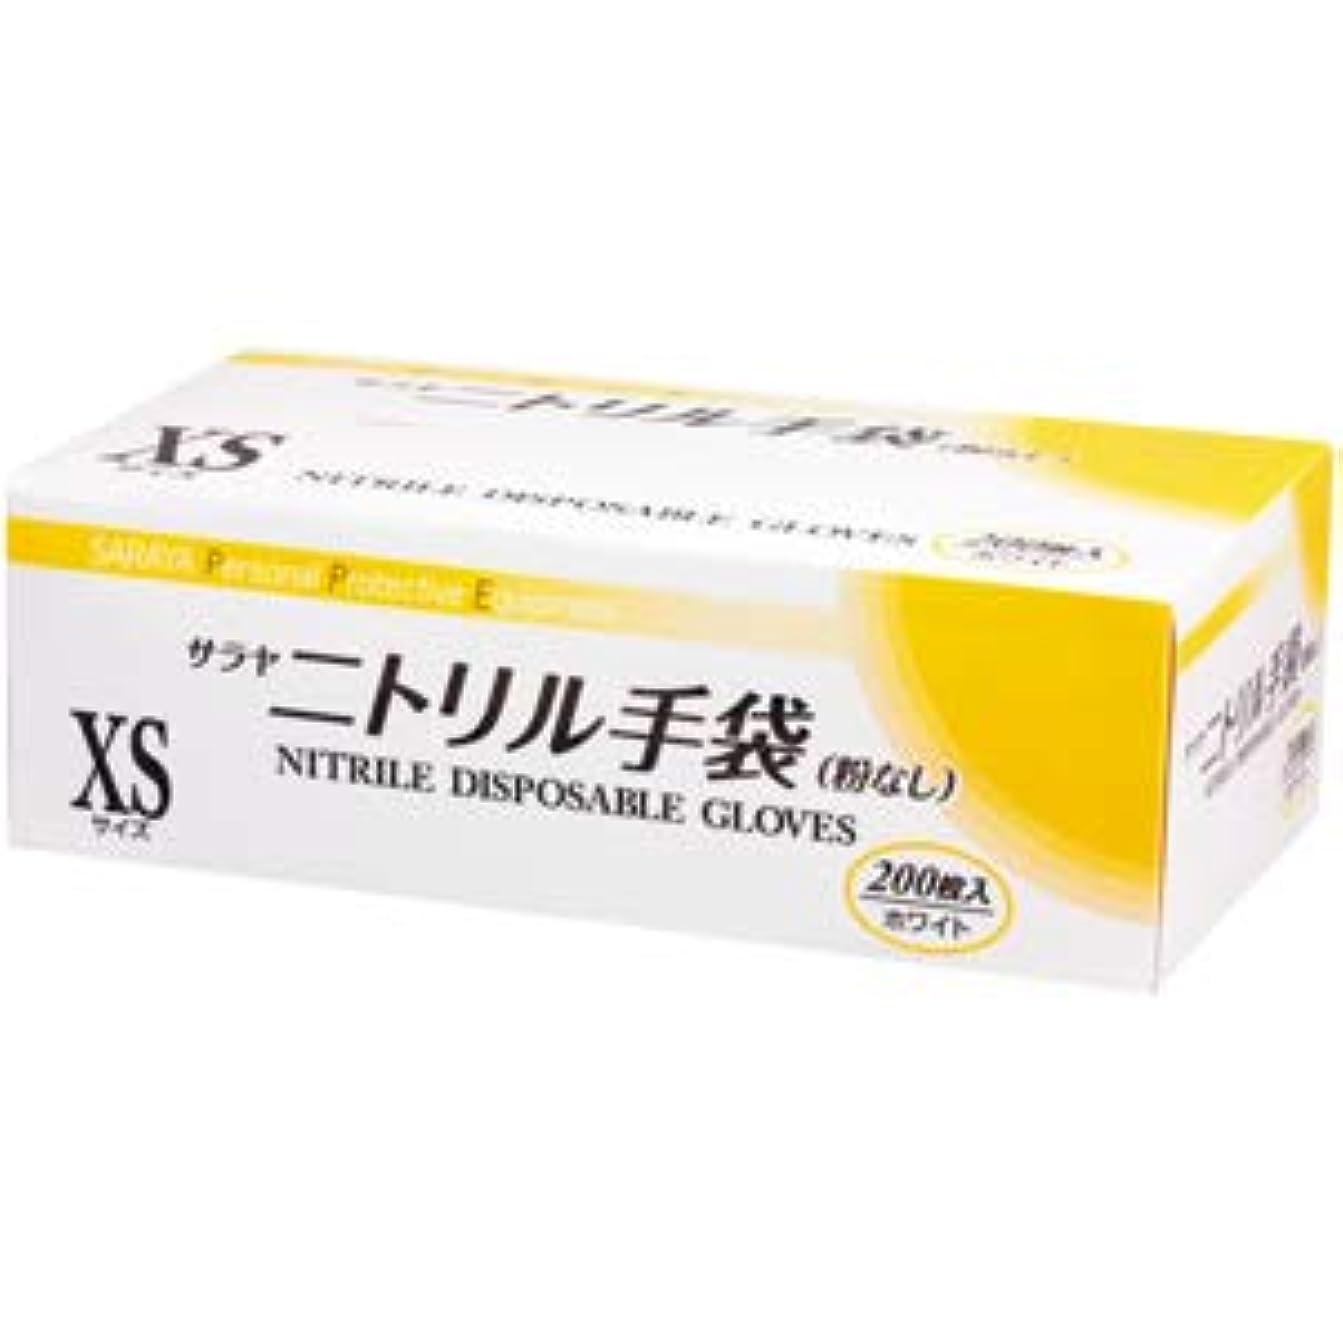 作者情緒的王族サラヤ ニトリル手袋 ホワイト XS 200枚×10箱 51073